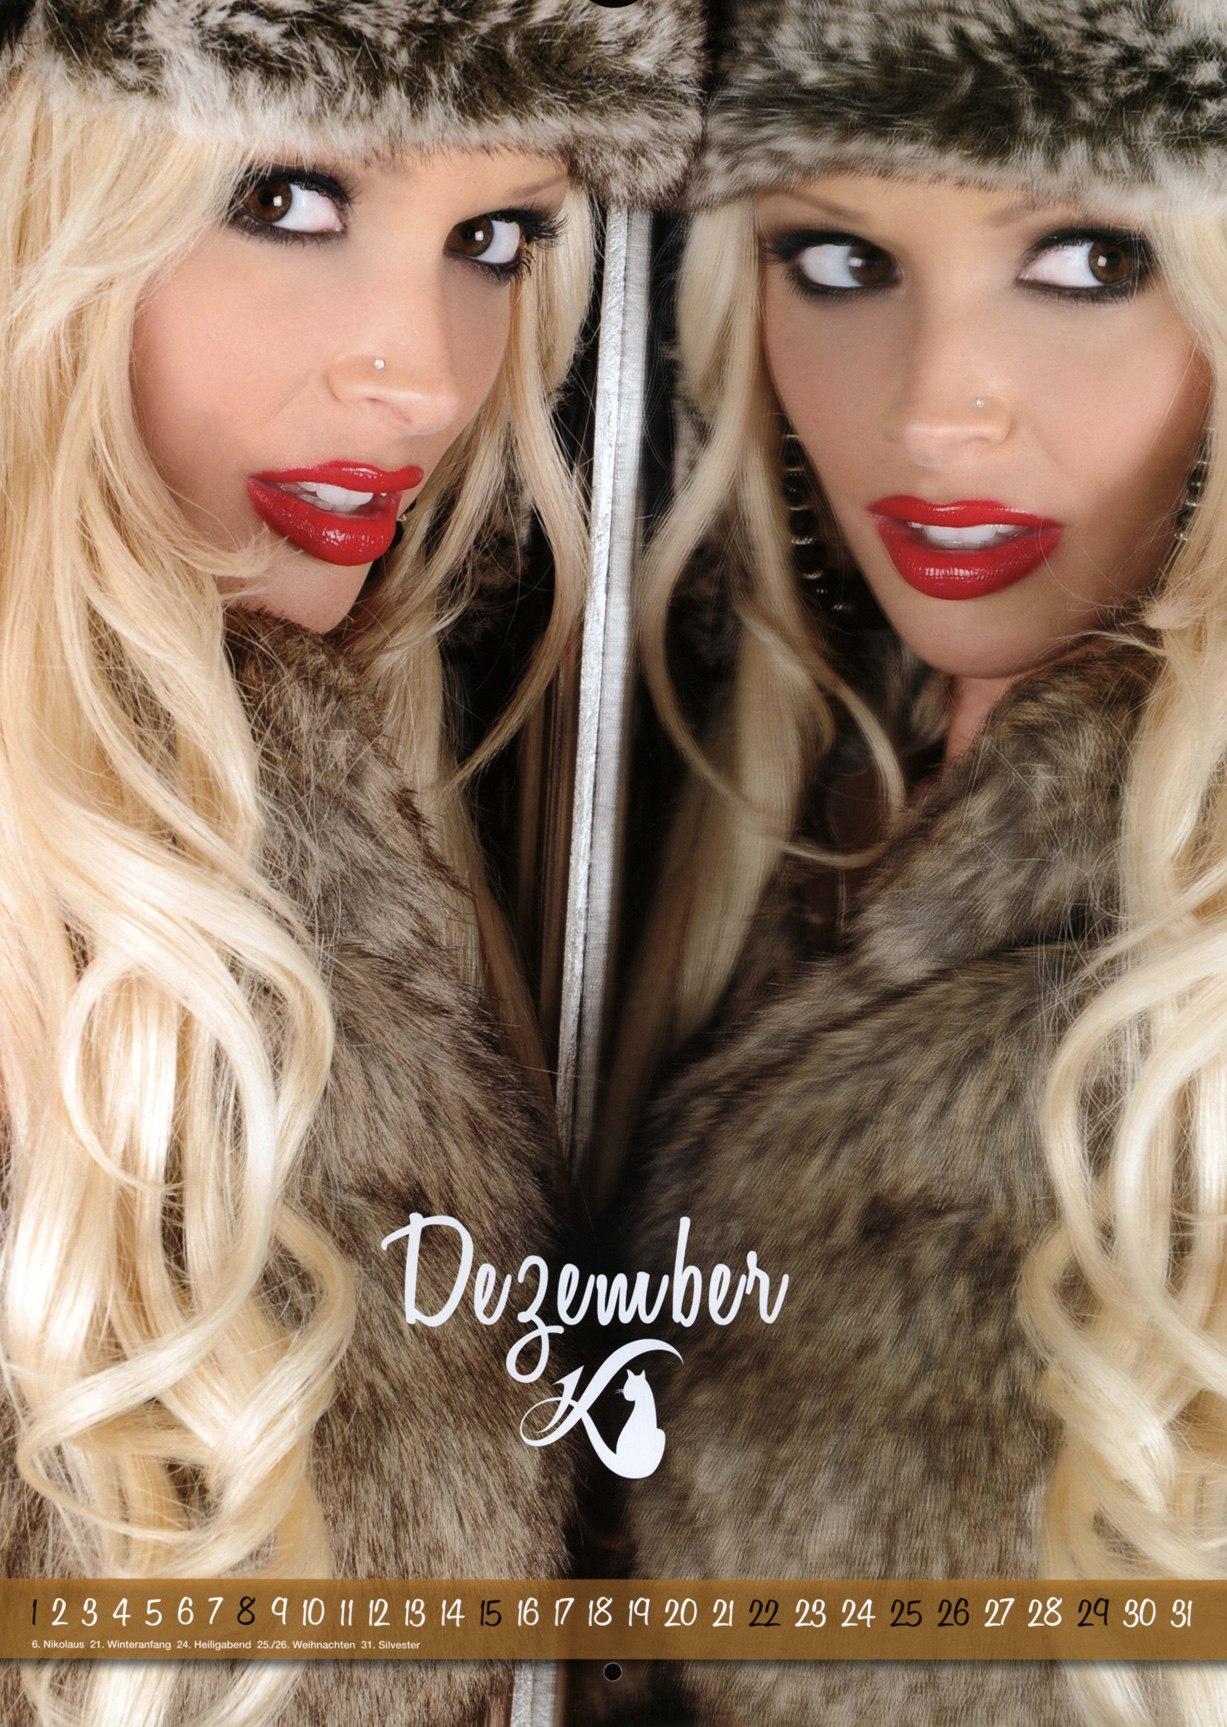 Daniela Katzenberger / Даниэла Катценбергер - официальный календарь на 2013 год